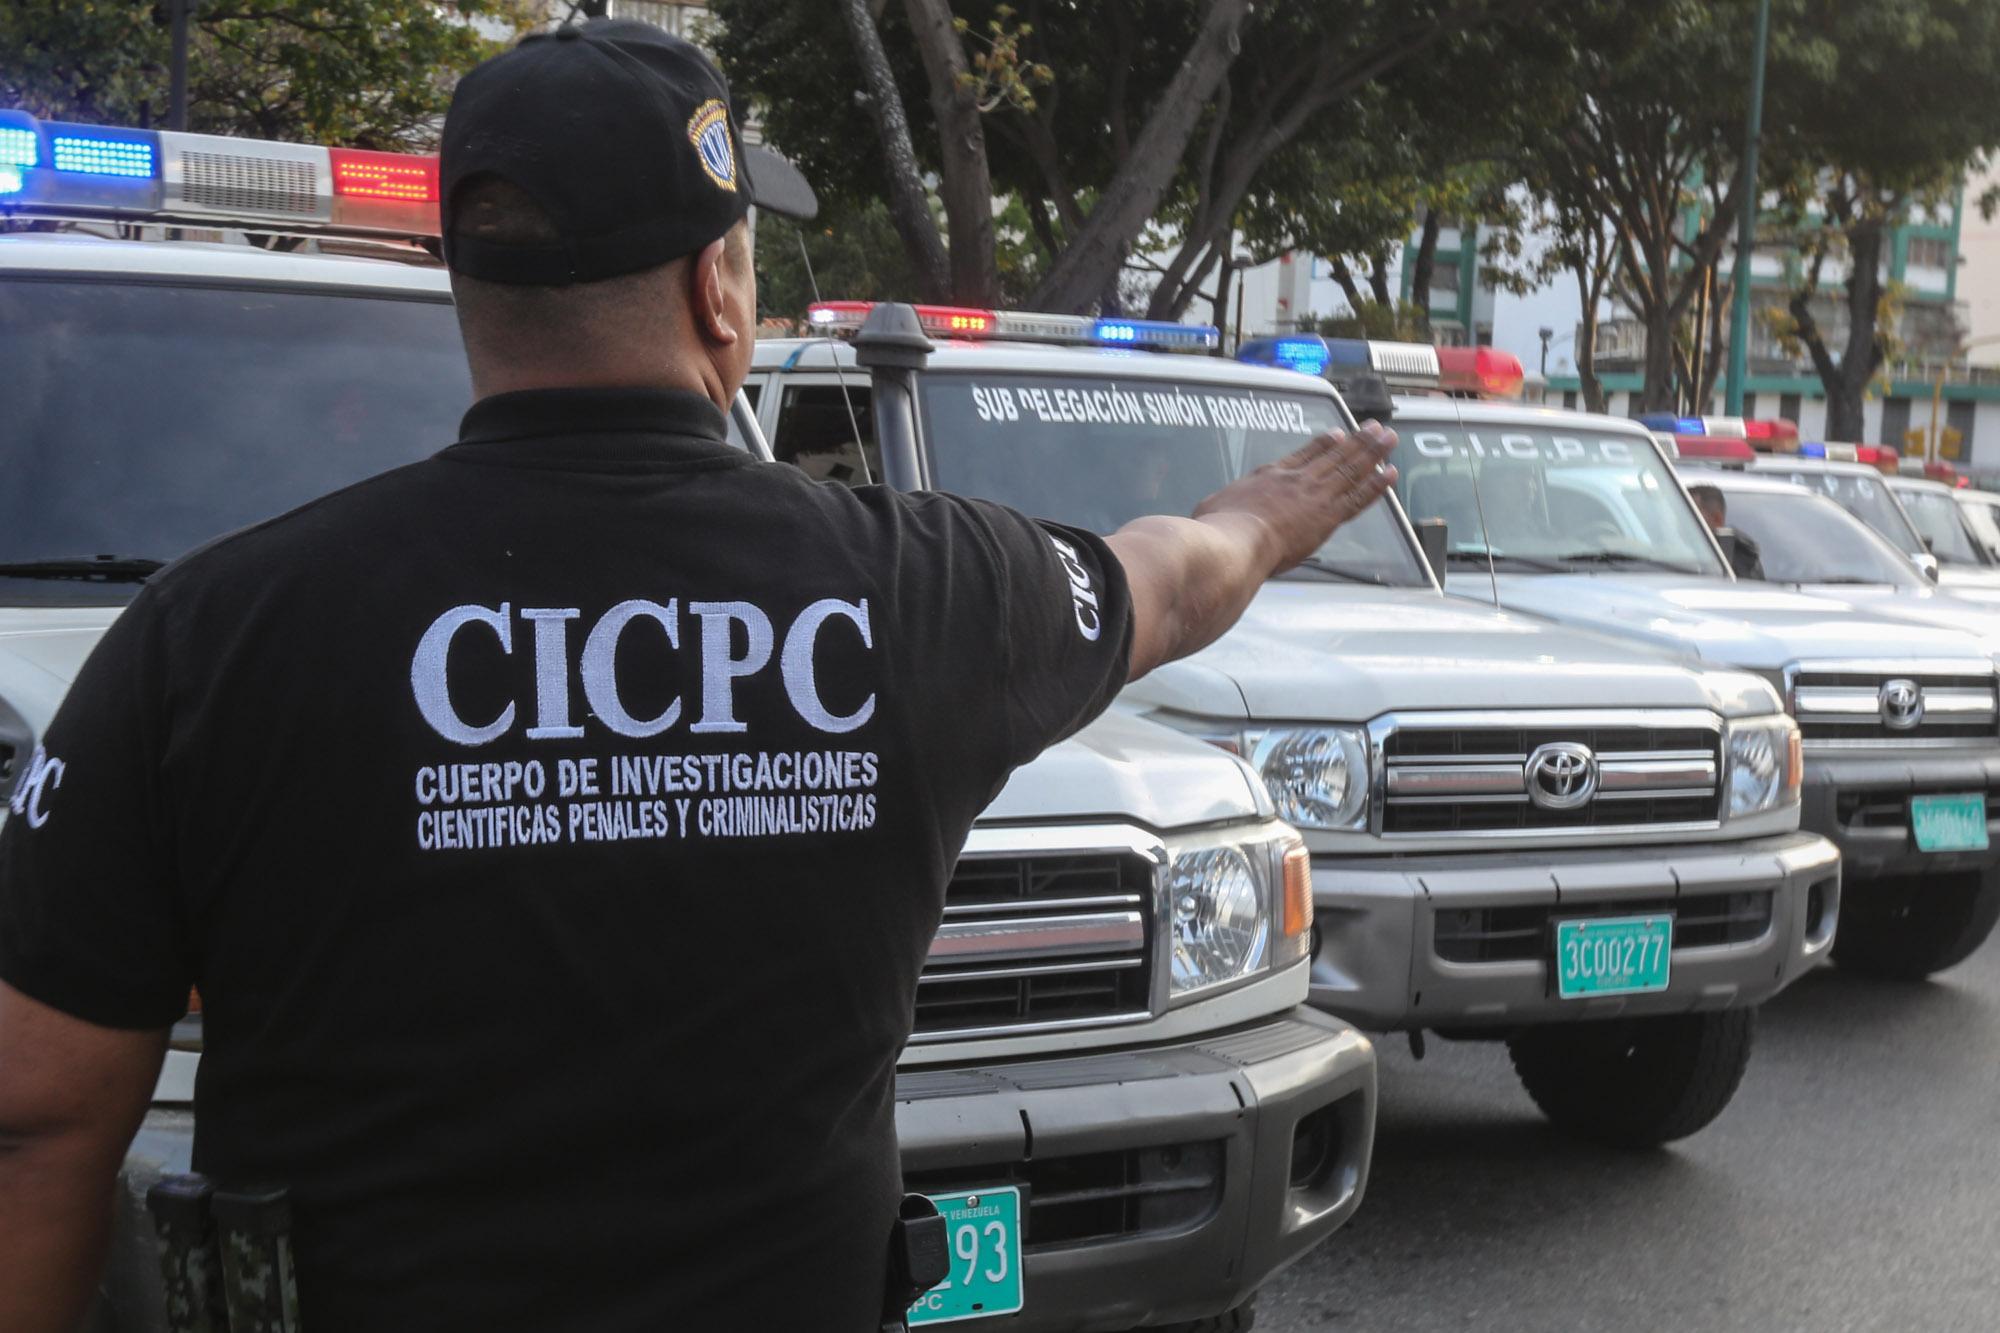 Cicpc - Puntos de Control (5)